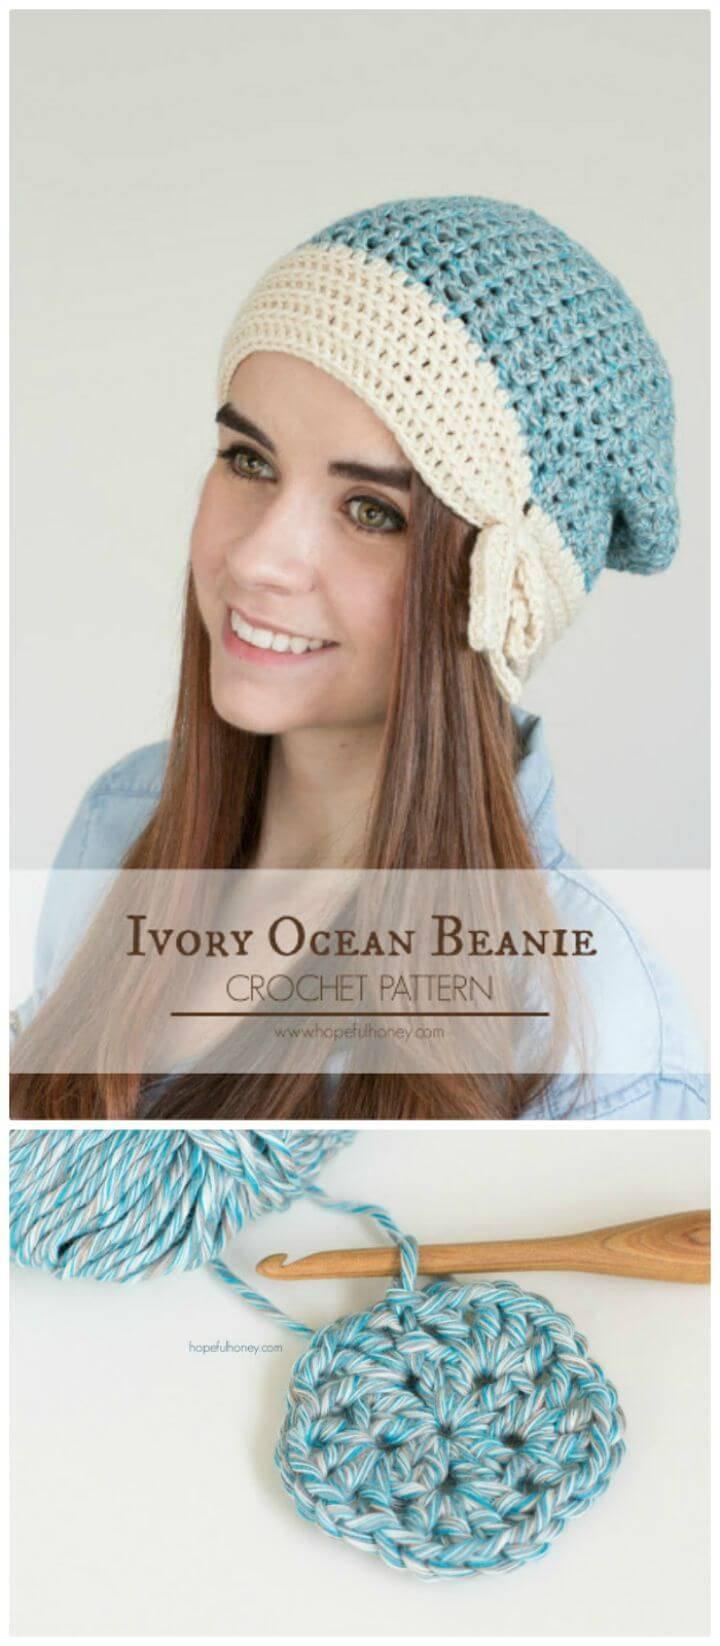 Free Crochet Ivory Ocean Beanie - Free Crochet Pattern & Yarn Review